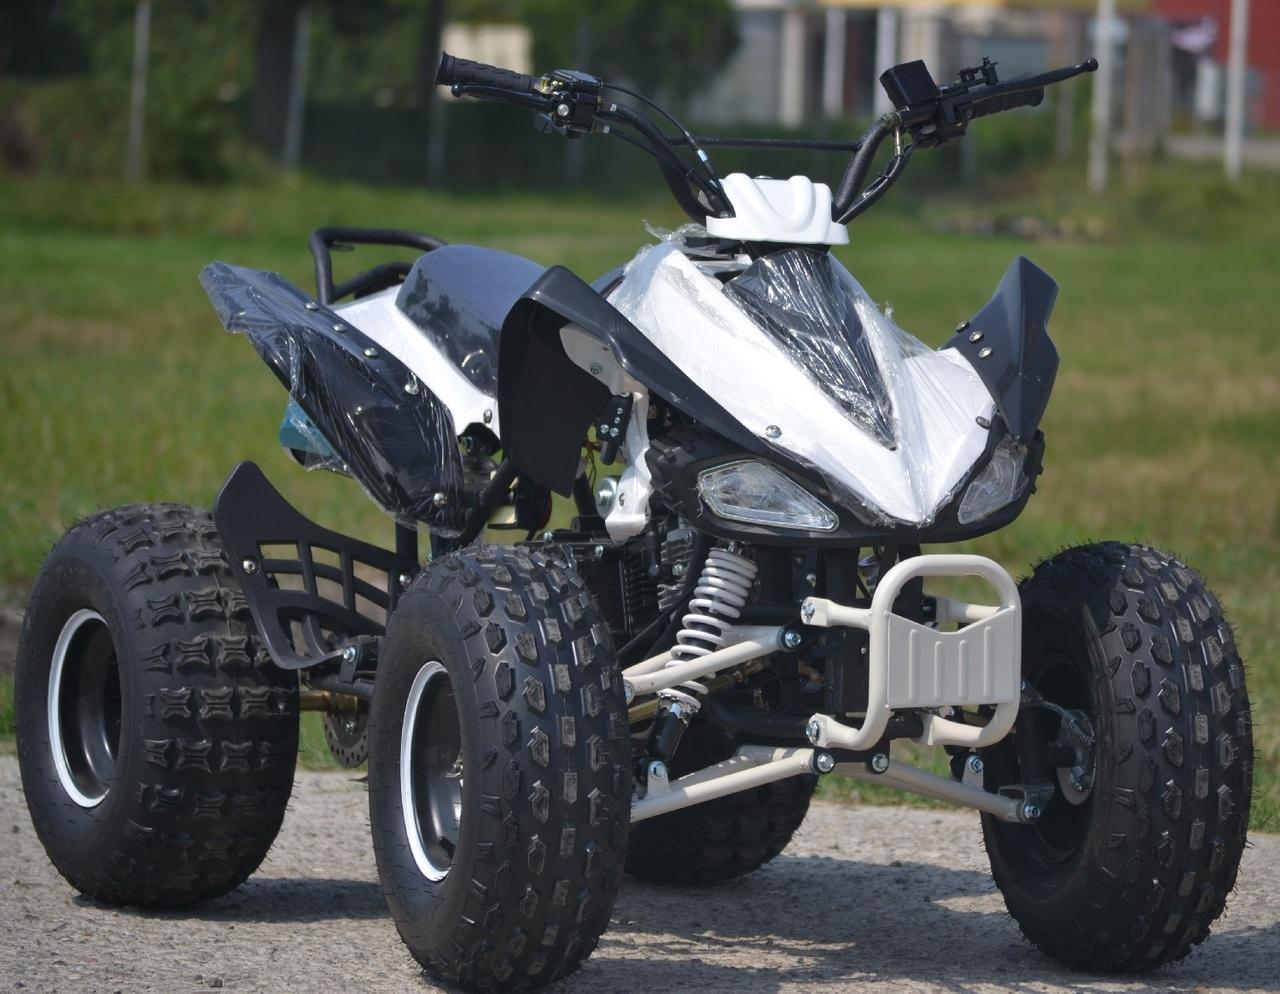 SRL-ANALUK: ATV Raptor P7 125 CC Monster-MegaSpeed